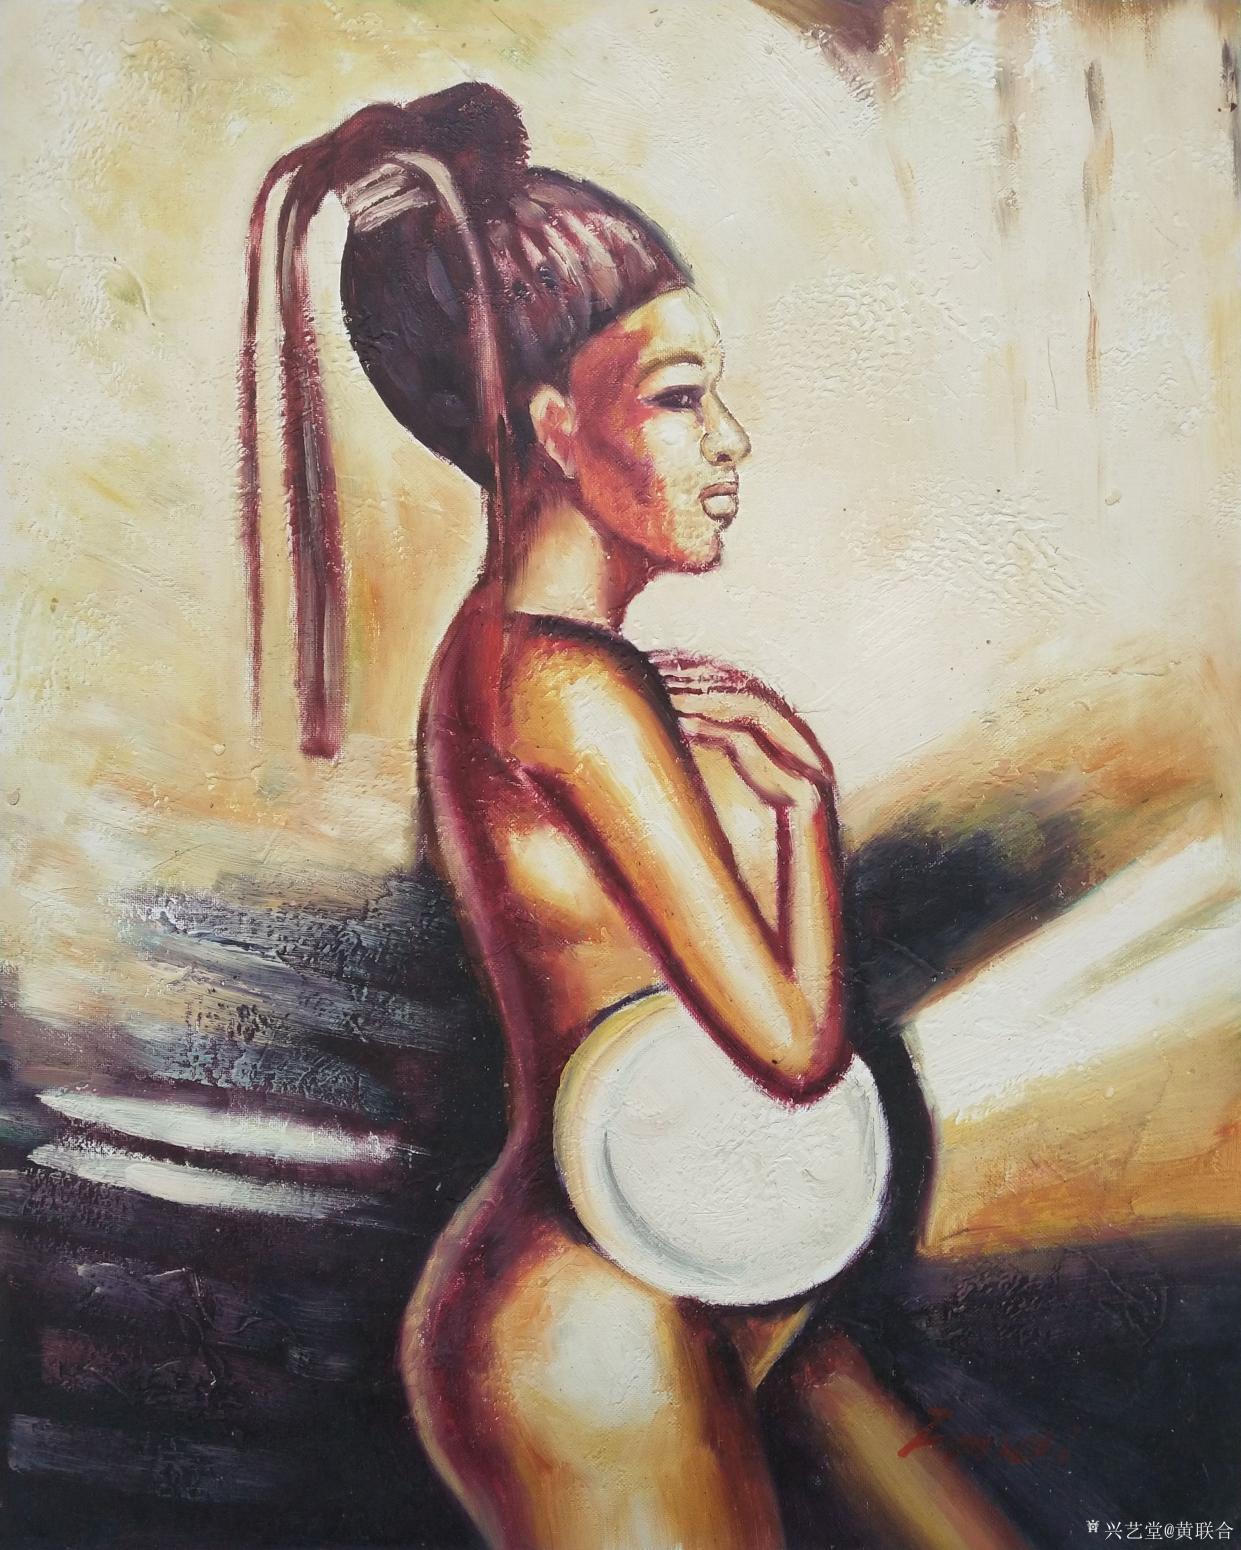 黄联合油画作品《女人体油画》【图7】